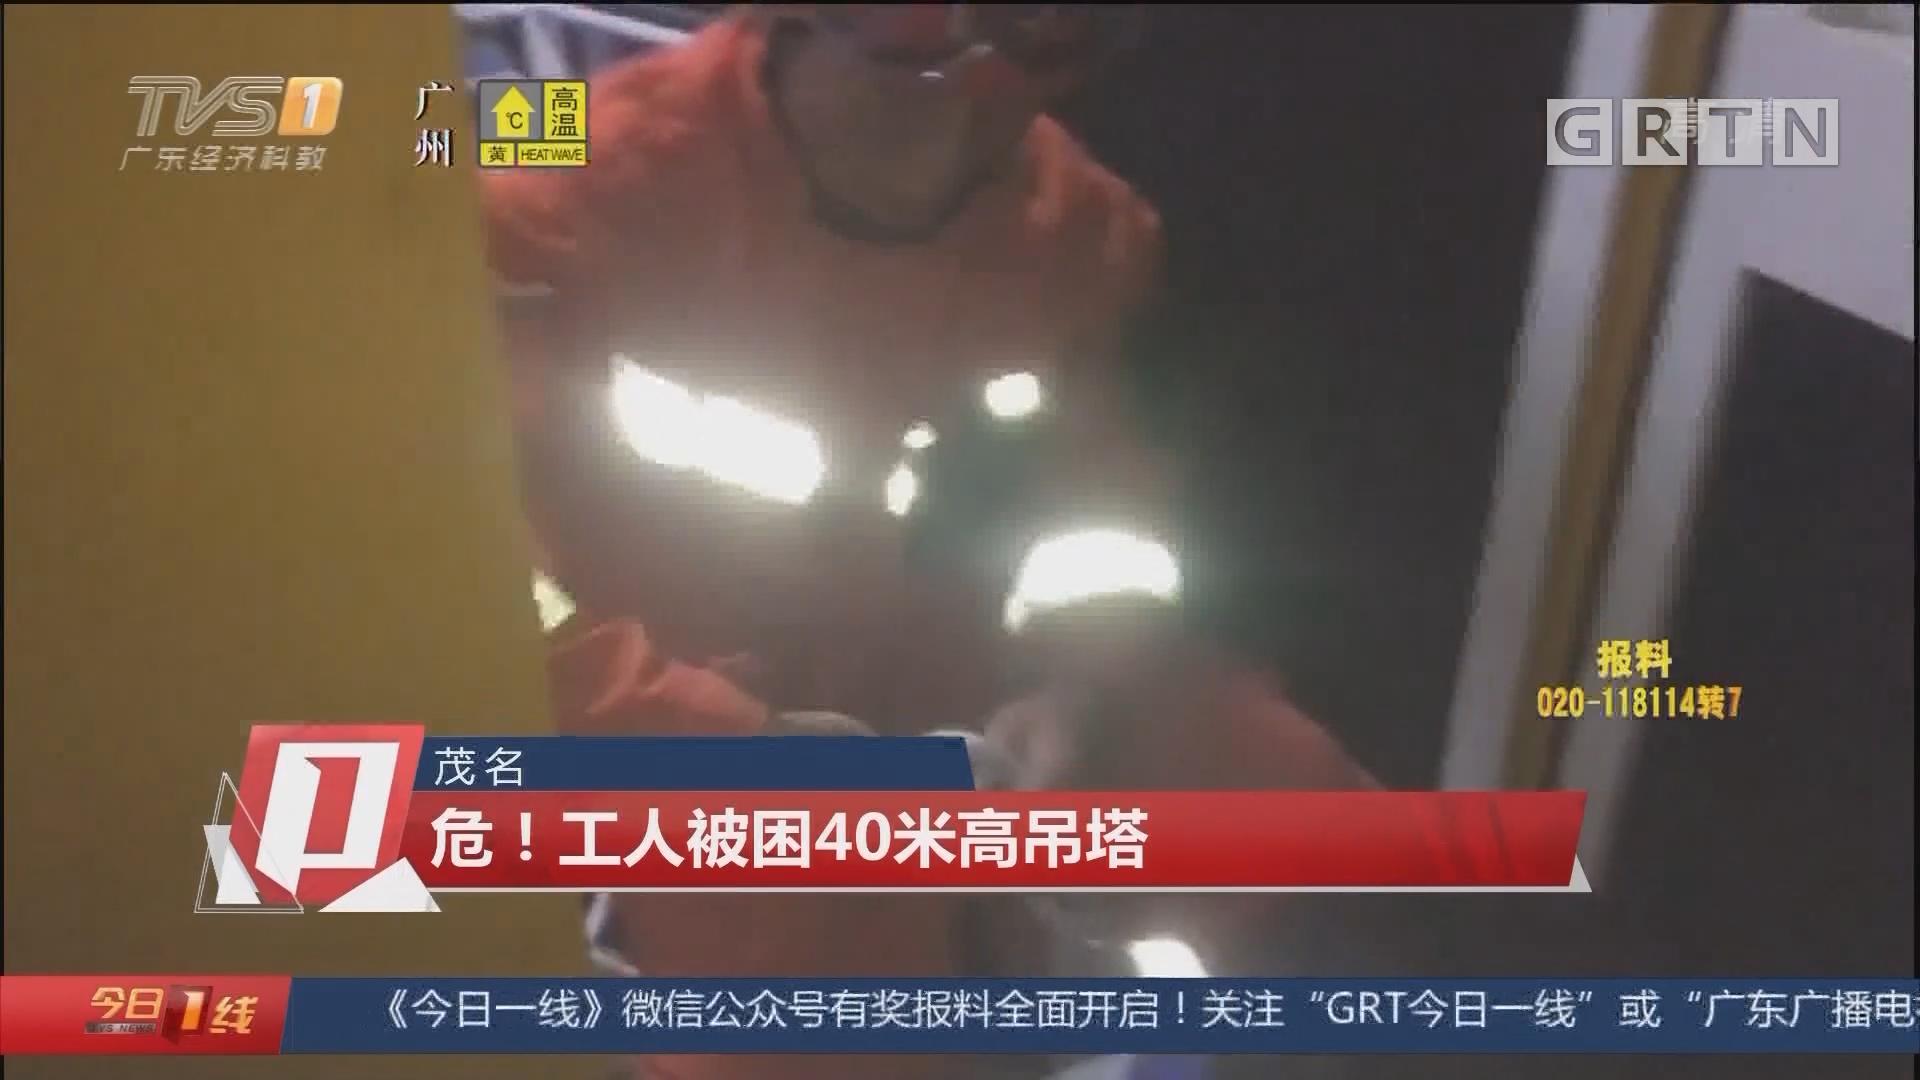 茂名 危!工人被困40米高吊塔